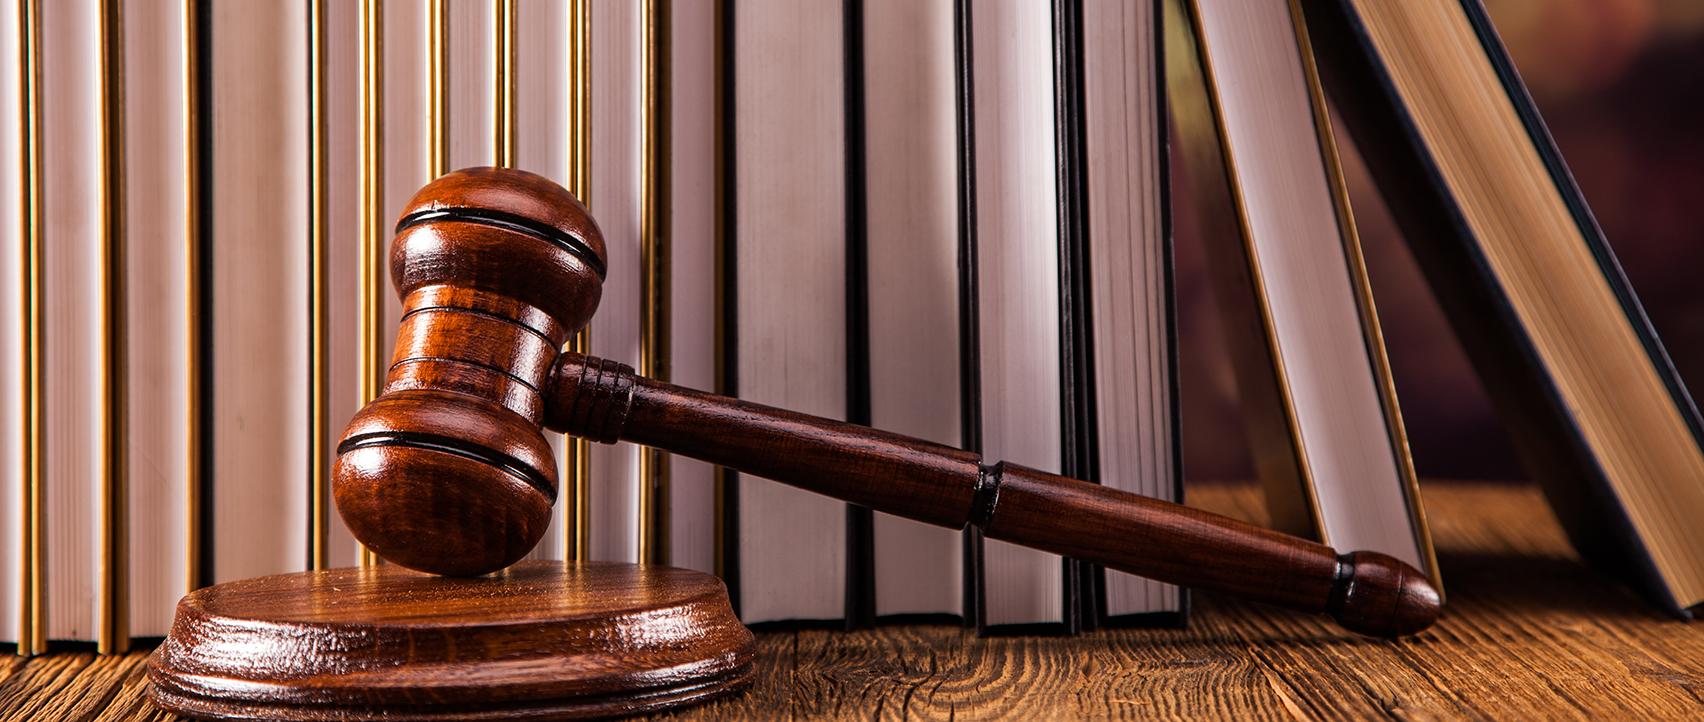 (تعديل قانون رقم 72 لسنة 2017 النافذ ضرورة تقتضيها مبادئ العدالة)